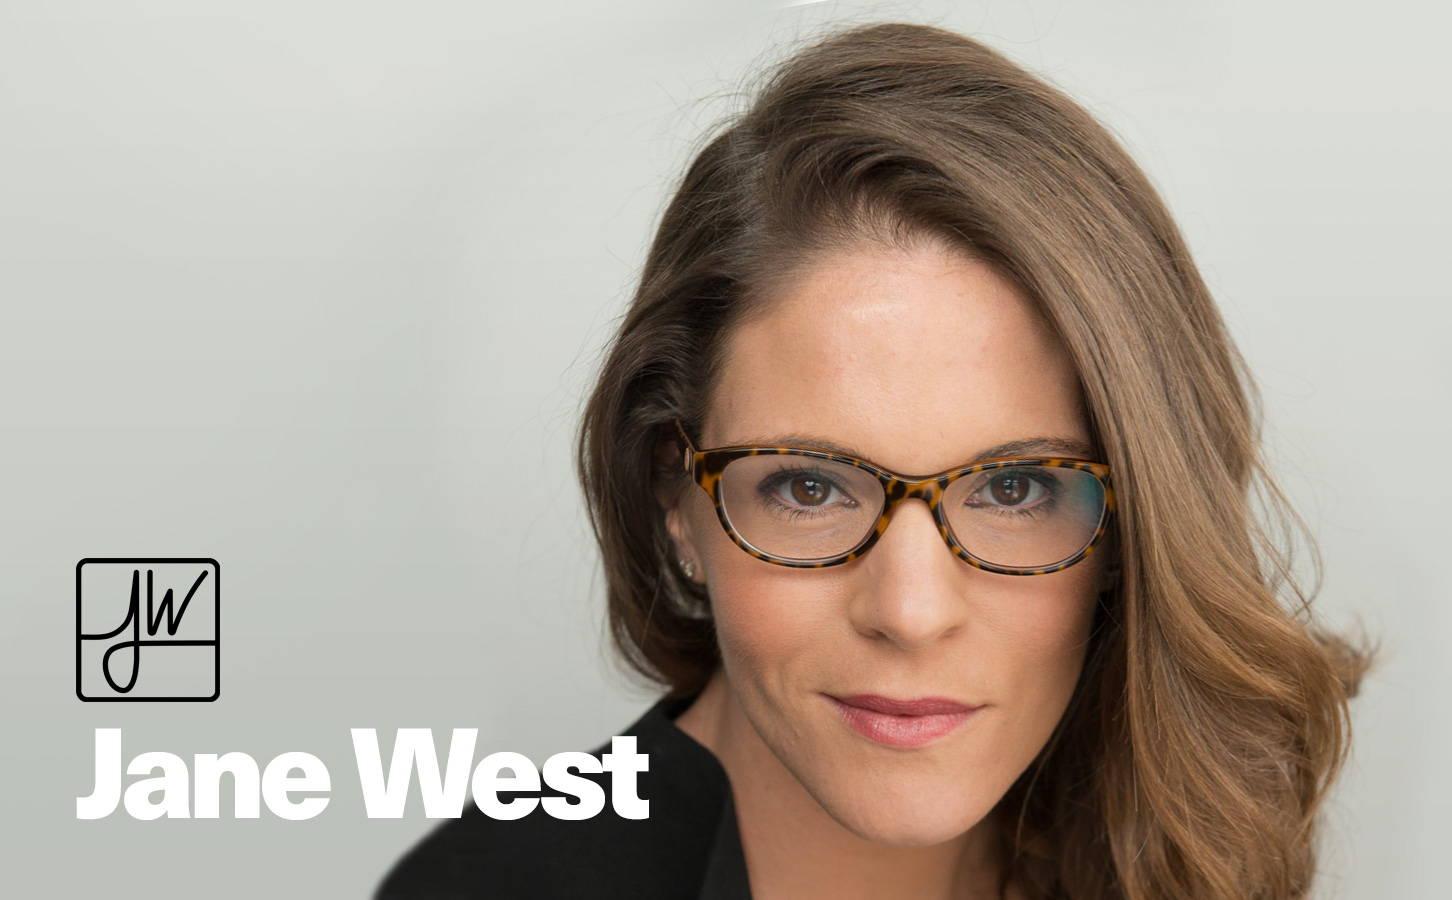 Jane West bong designer